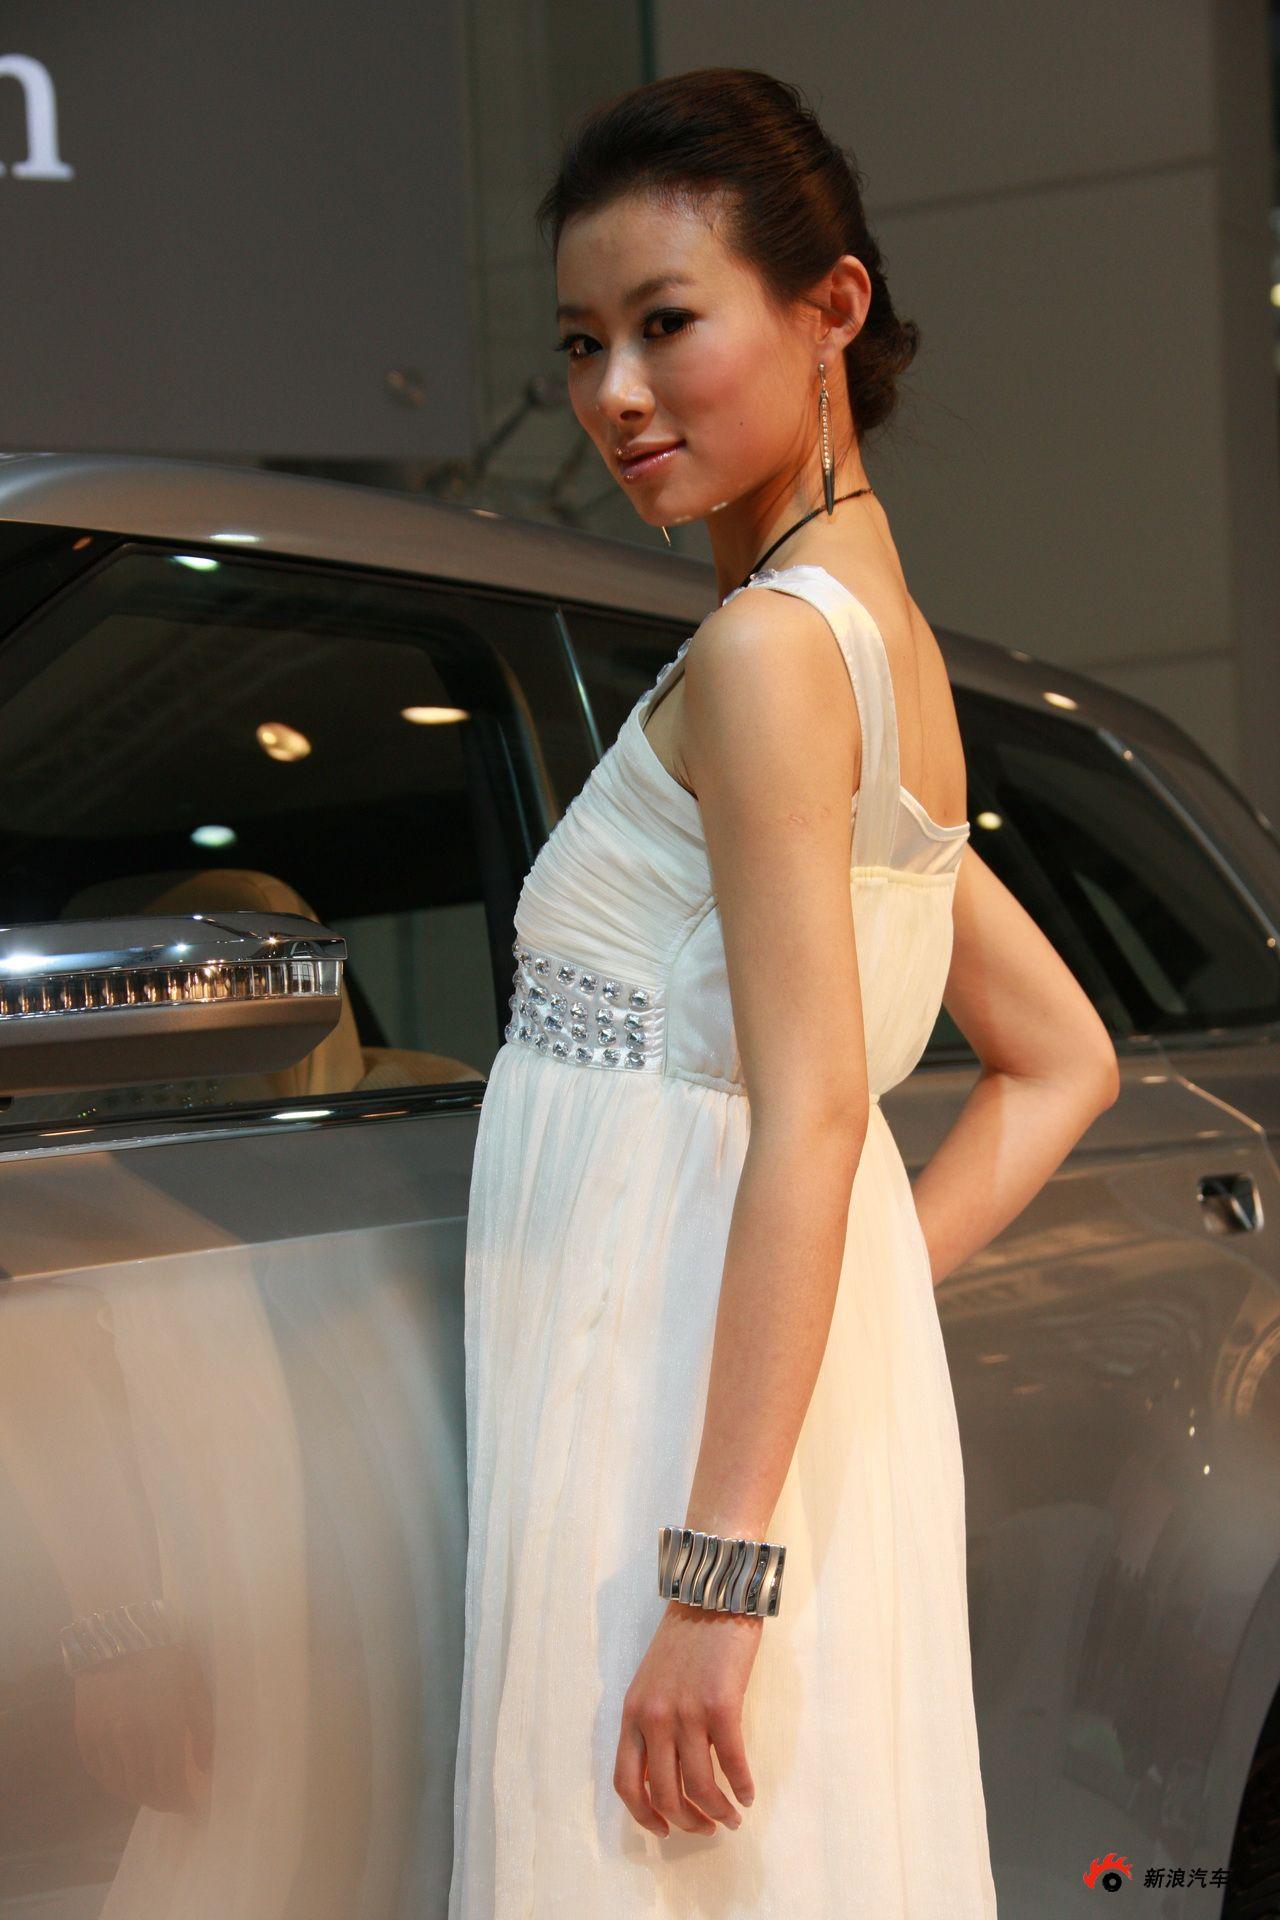 三菱展台3号模特